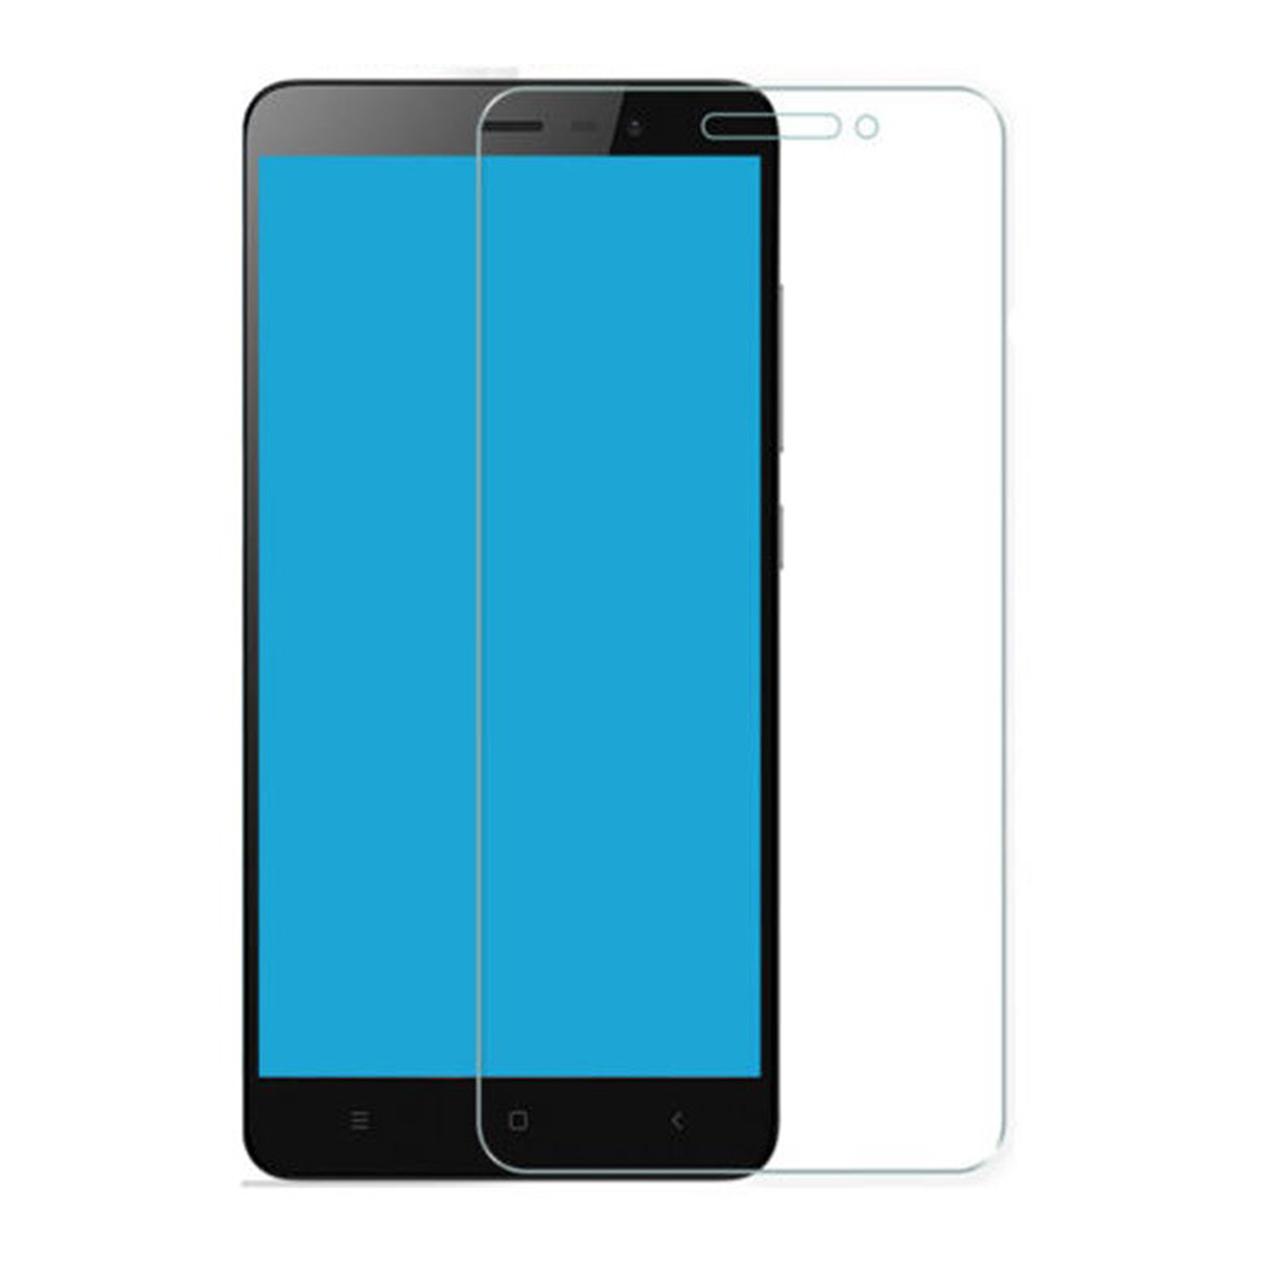 محافظ صفحه نمایش شیشه ای مدل Tmpered مناسب برای گوشی موبایل شیائومی Redmi 5X